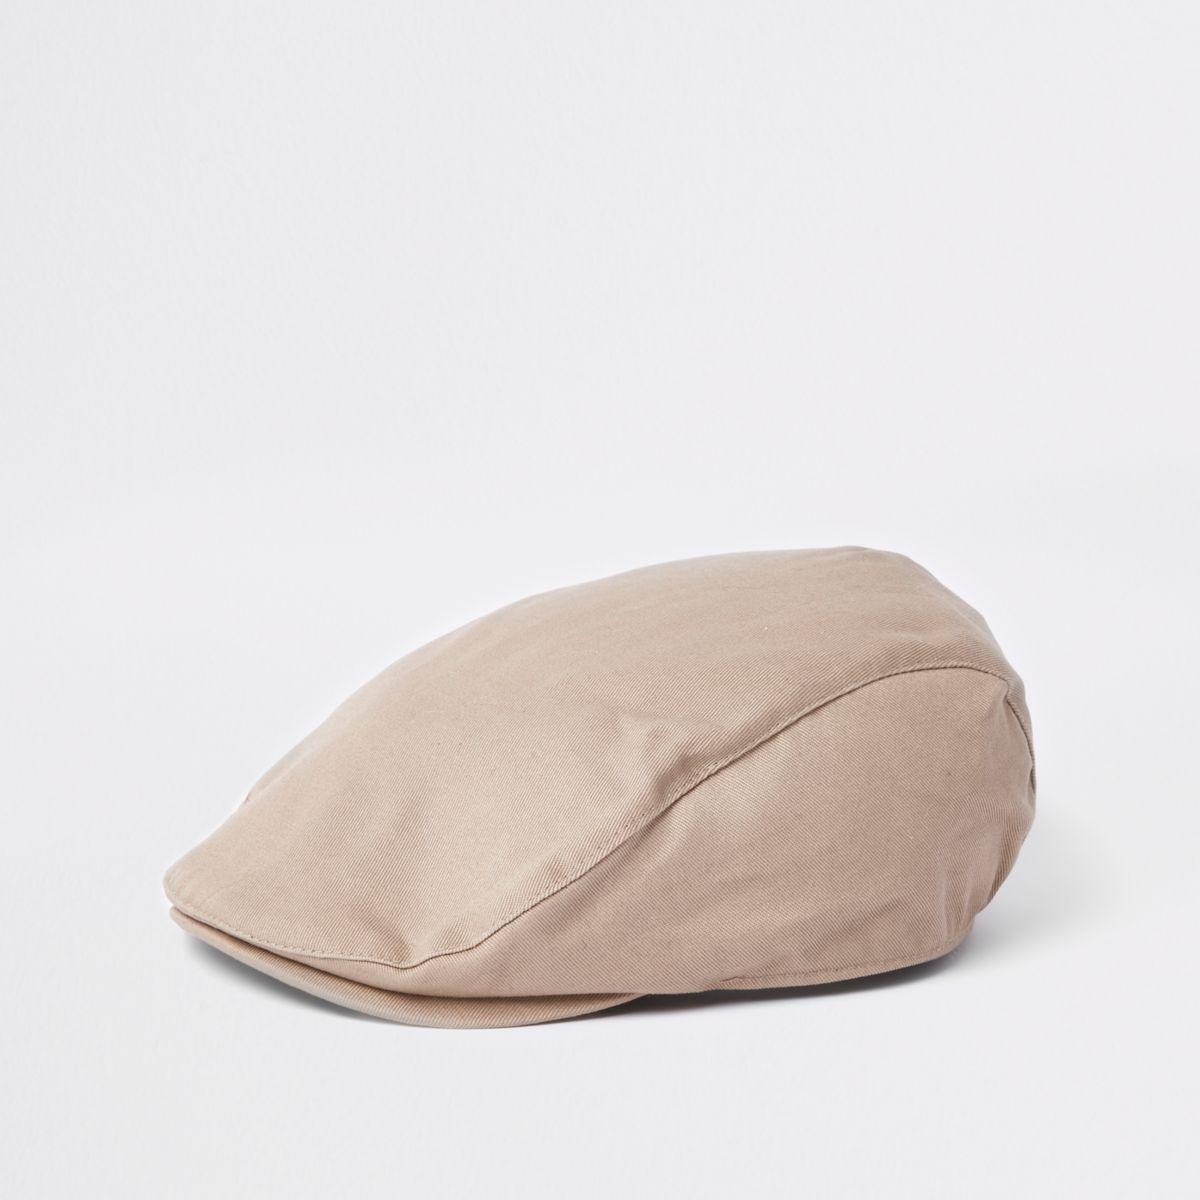 Beige twill flat cap